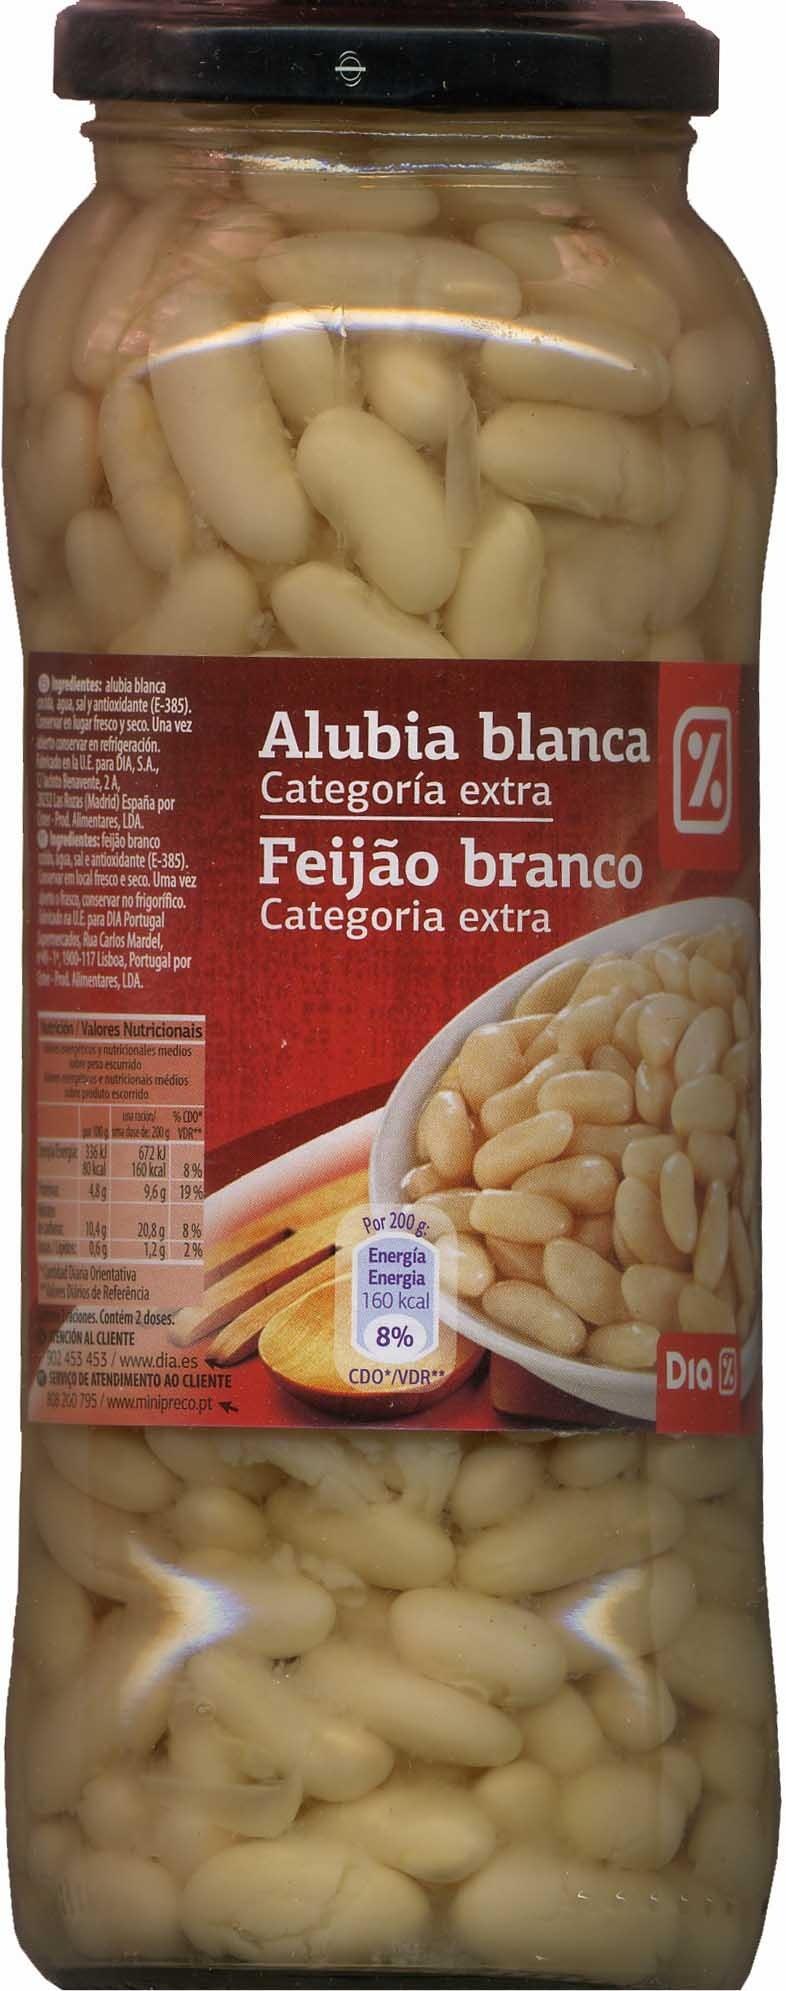 Alubias blancas cocidas en conserva - Product